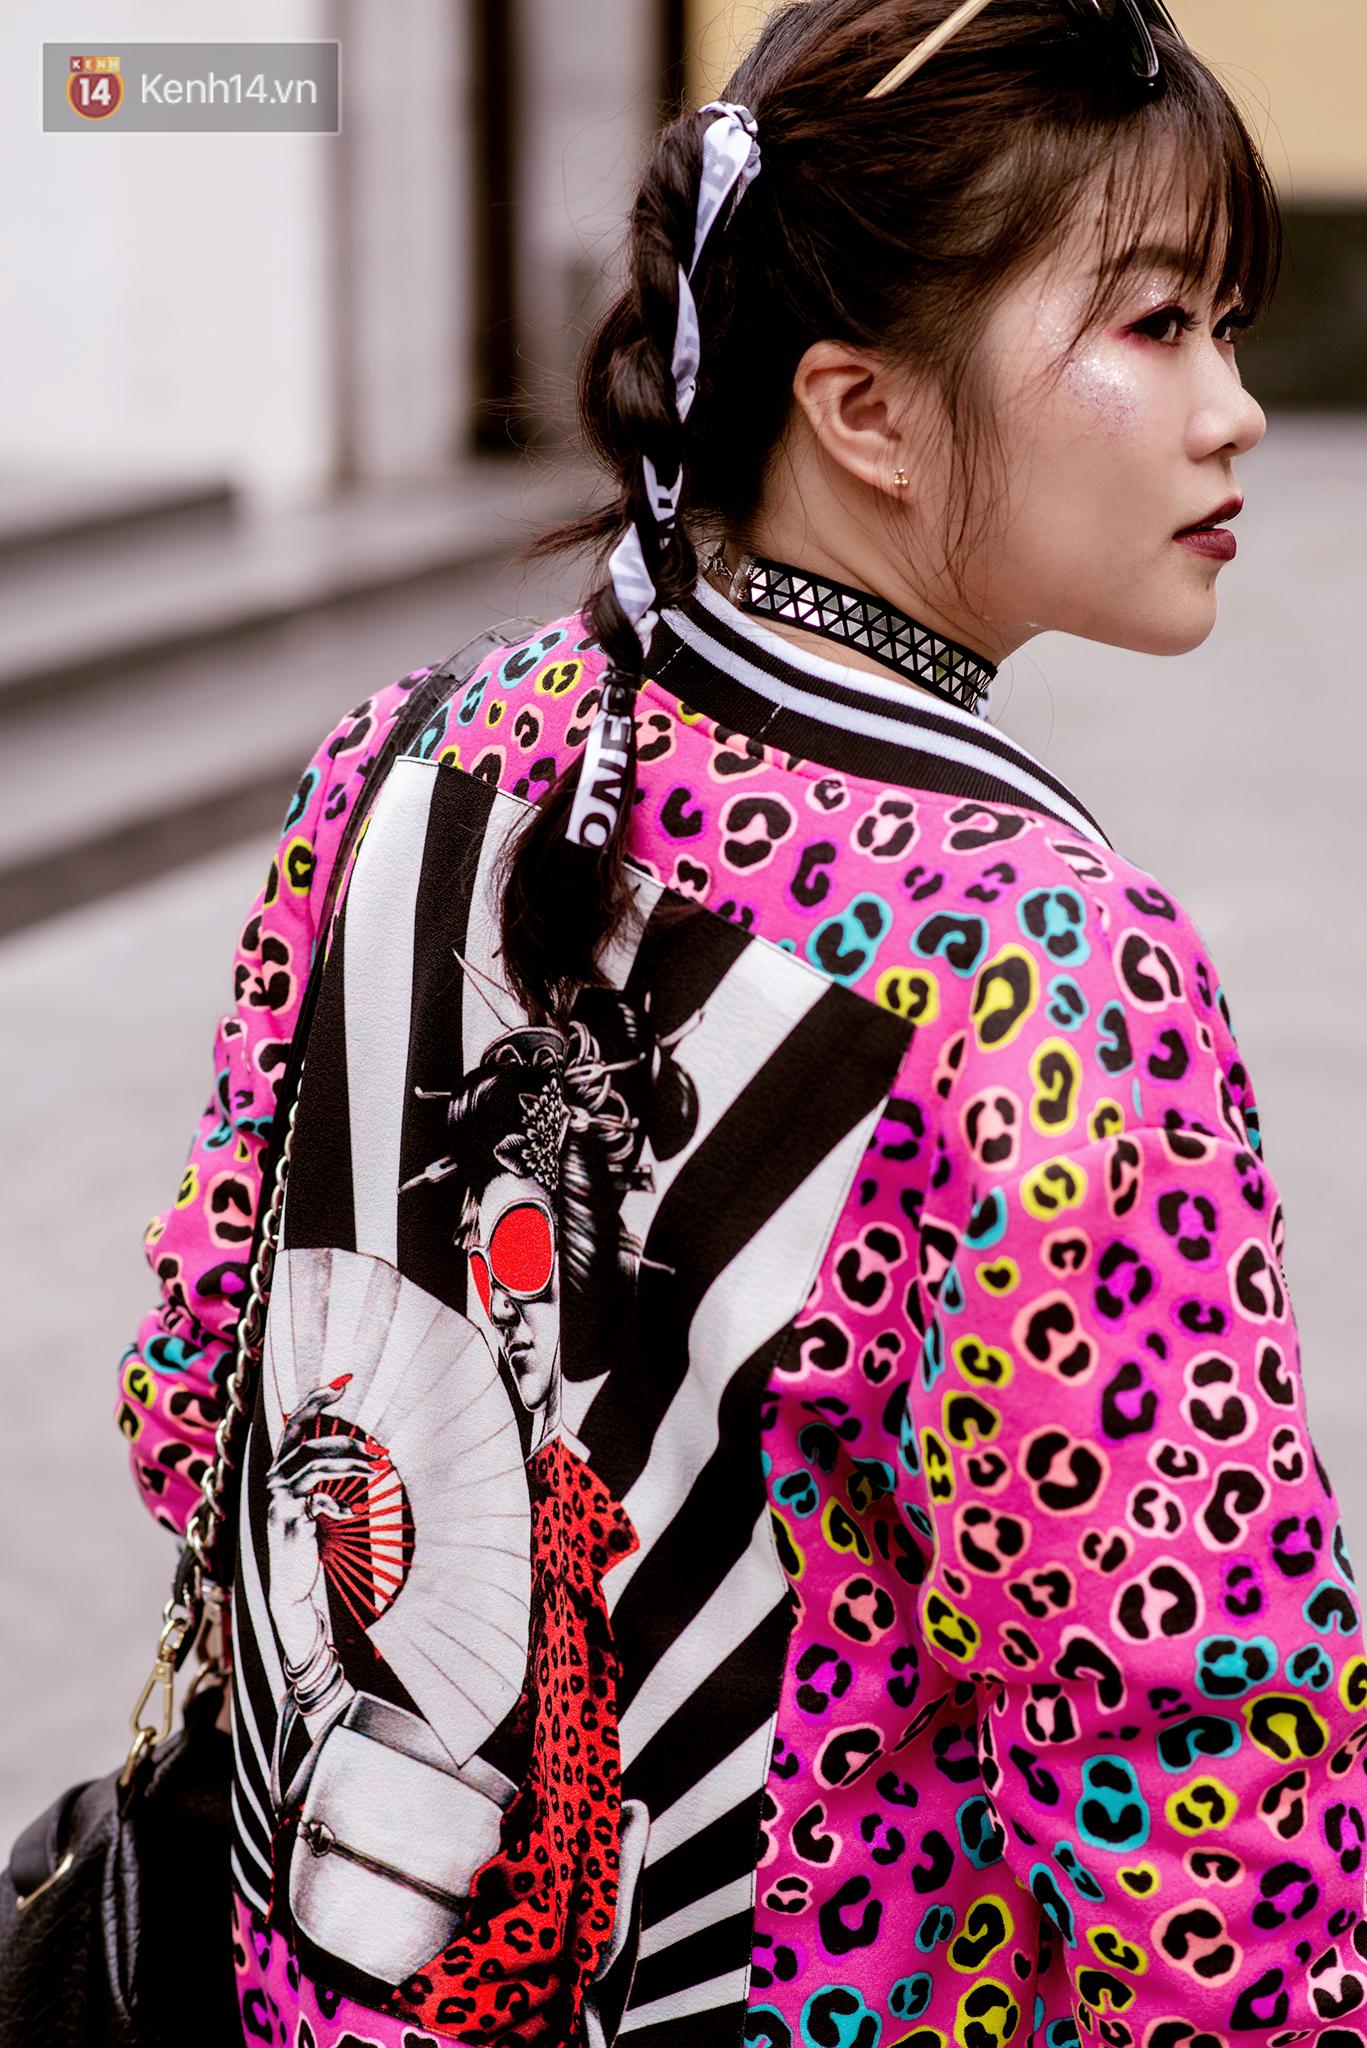 Street style 2 miền: Dù theo phong cách nữ tính hay cool ngầu, các bạn trẻ cũng mix đồ cực hay và diện toàn item trendy nhất - Ảnh 16.